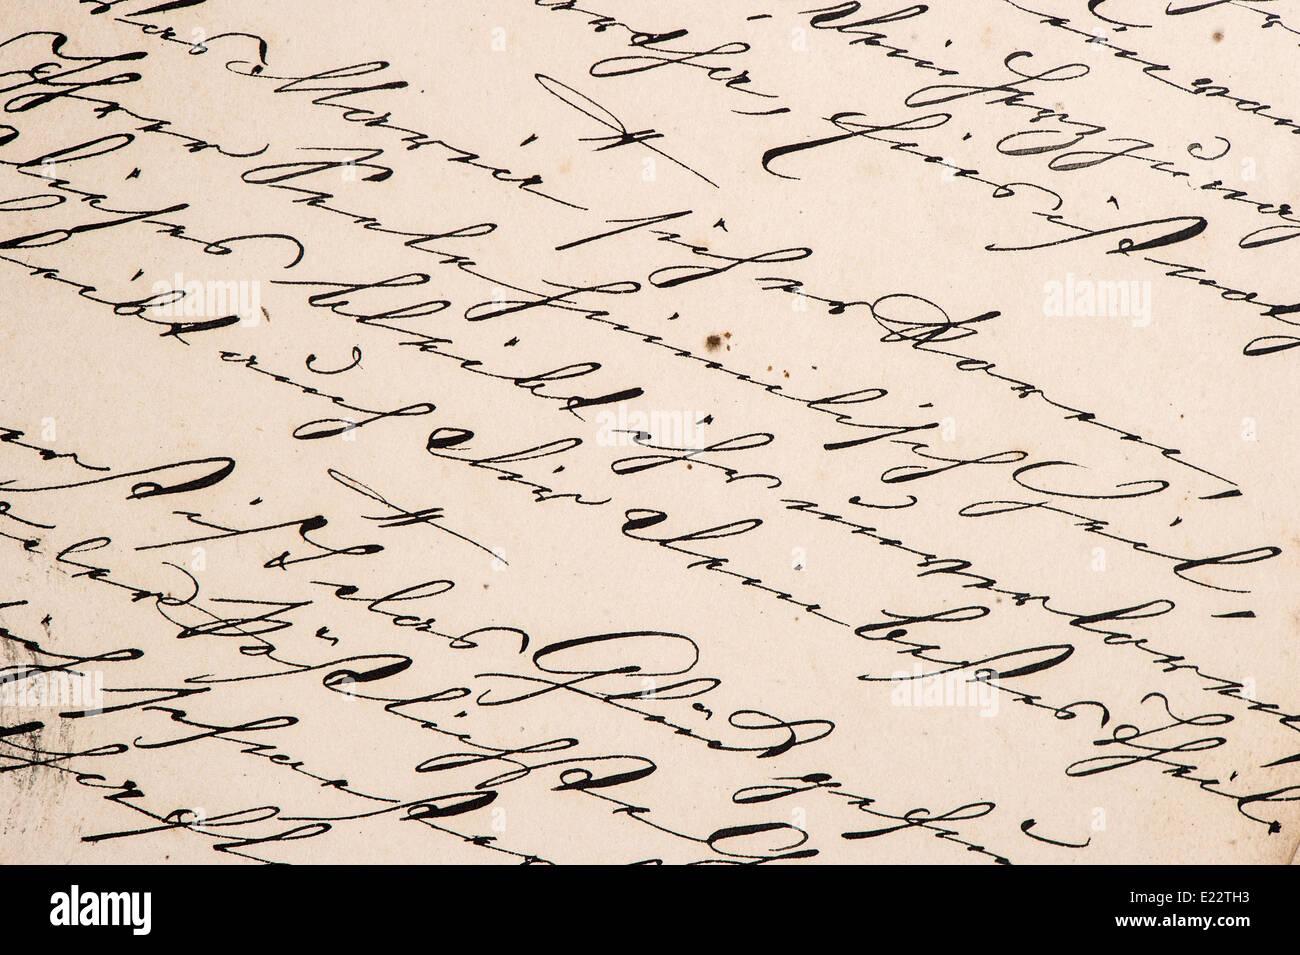 La grafia vintage con undefined. testo manoscritto. grunge sfondo della carta Immagini Stock